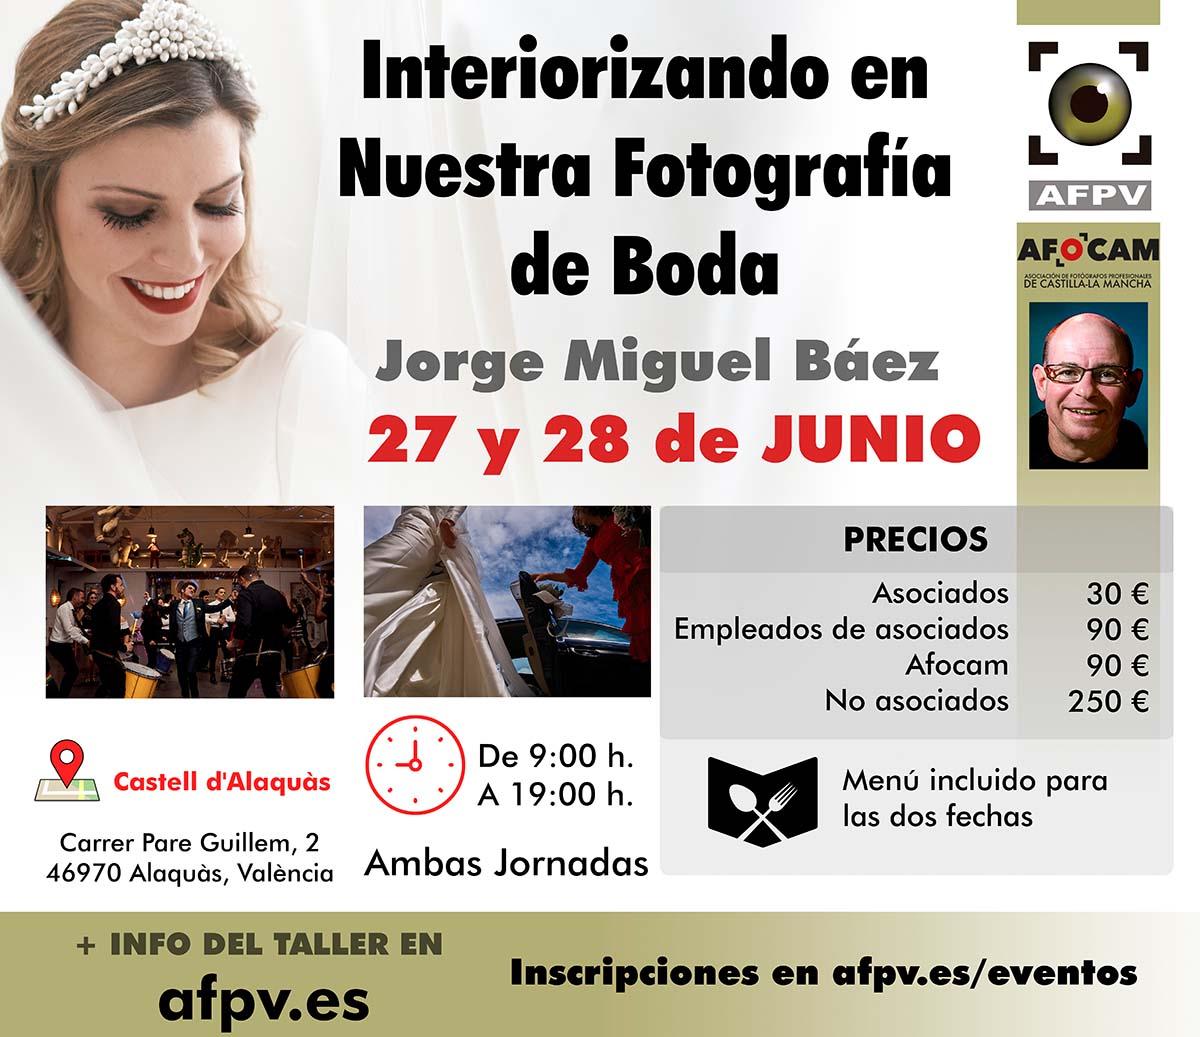 Cartel presentación Taller fotografía de boda Jorge Miguel Báez para AFPV